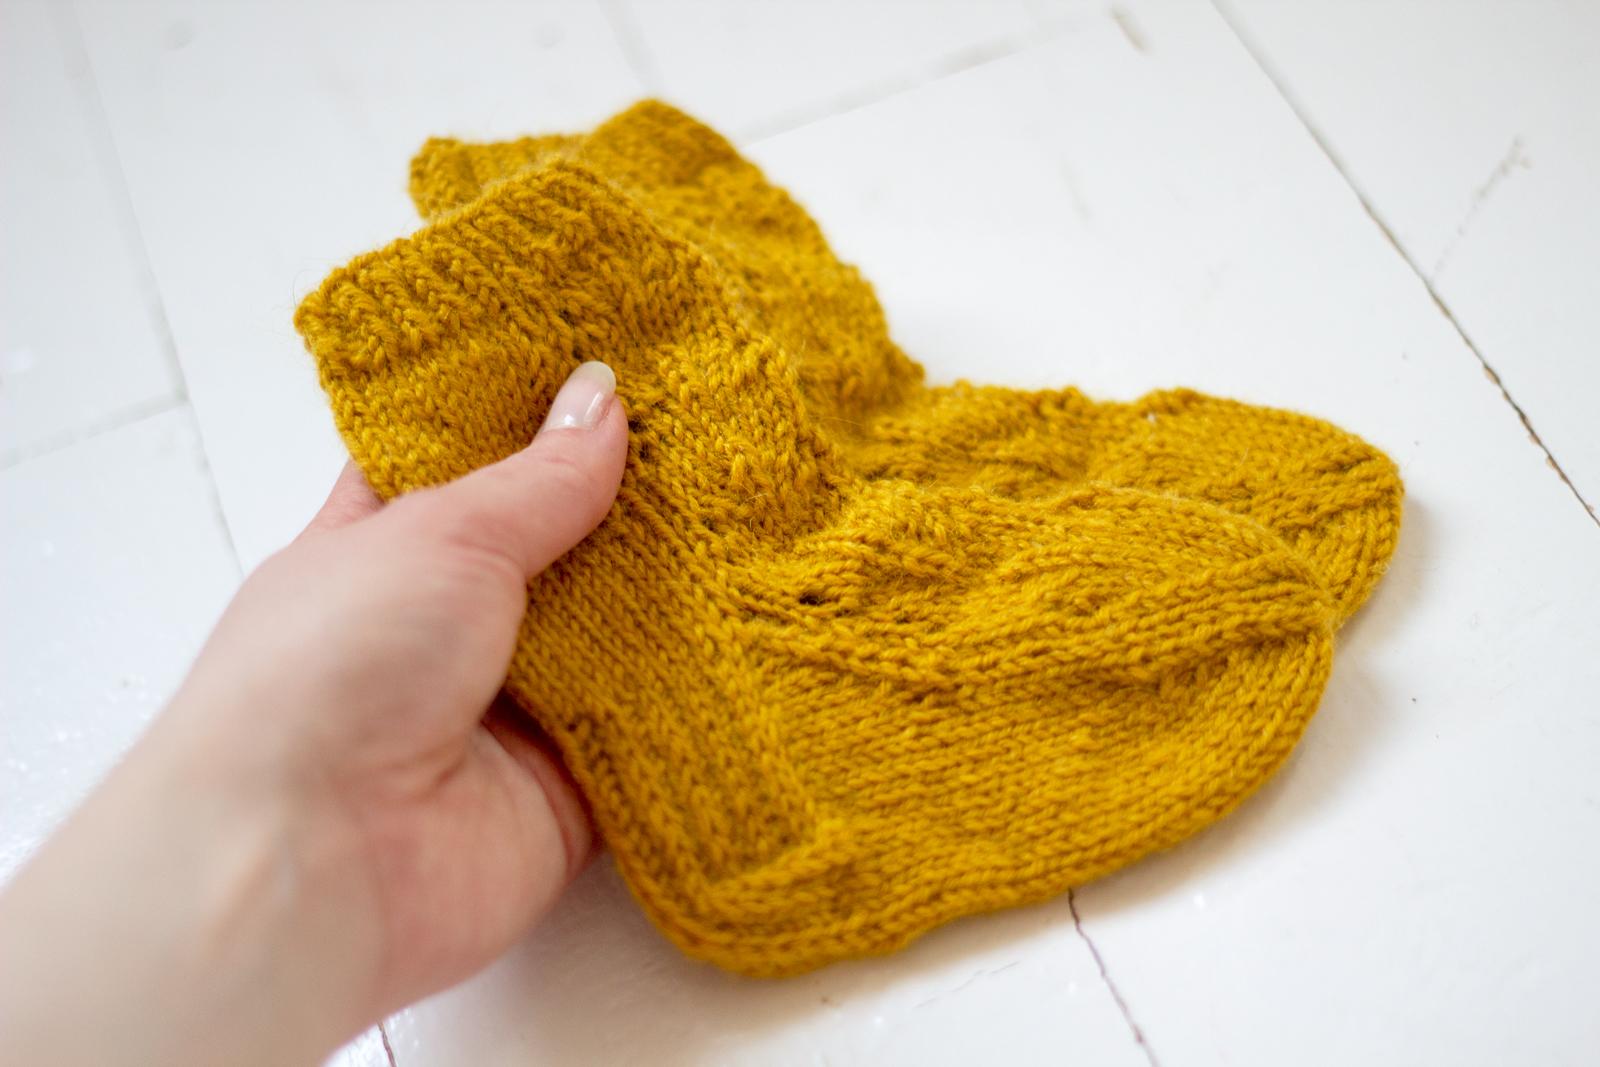 Okranväriset vauvan sukat